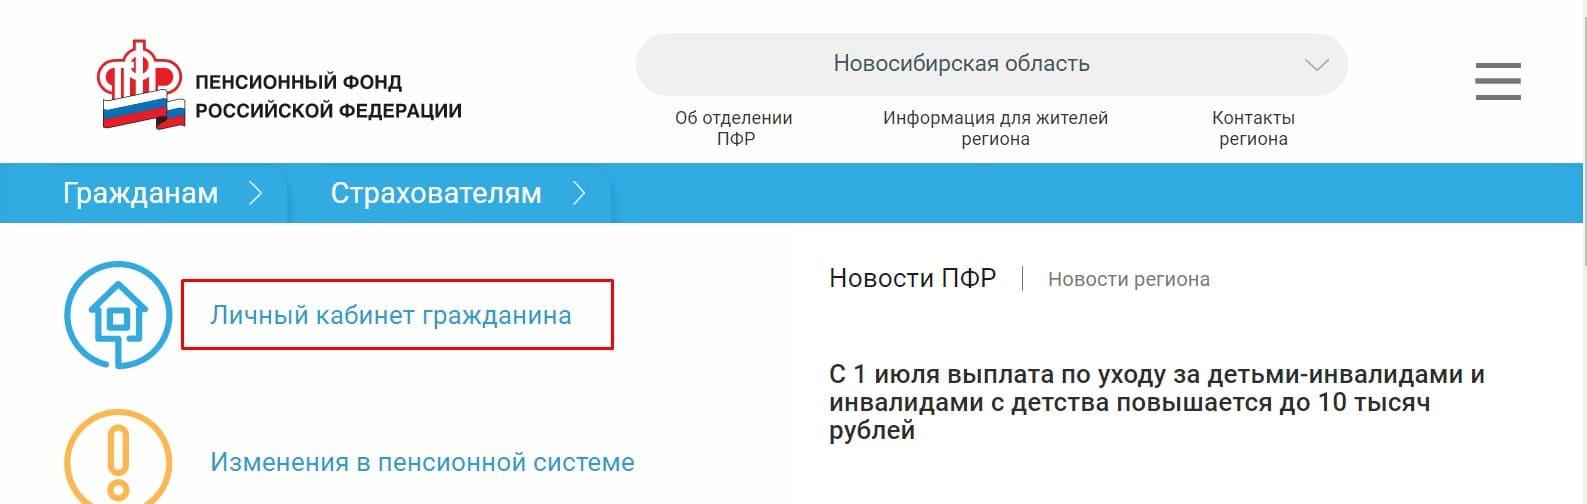 Пенсионный фонд Заельцовский район Новосибирска 1